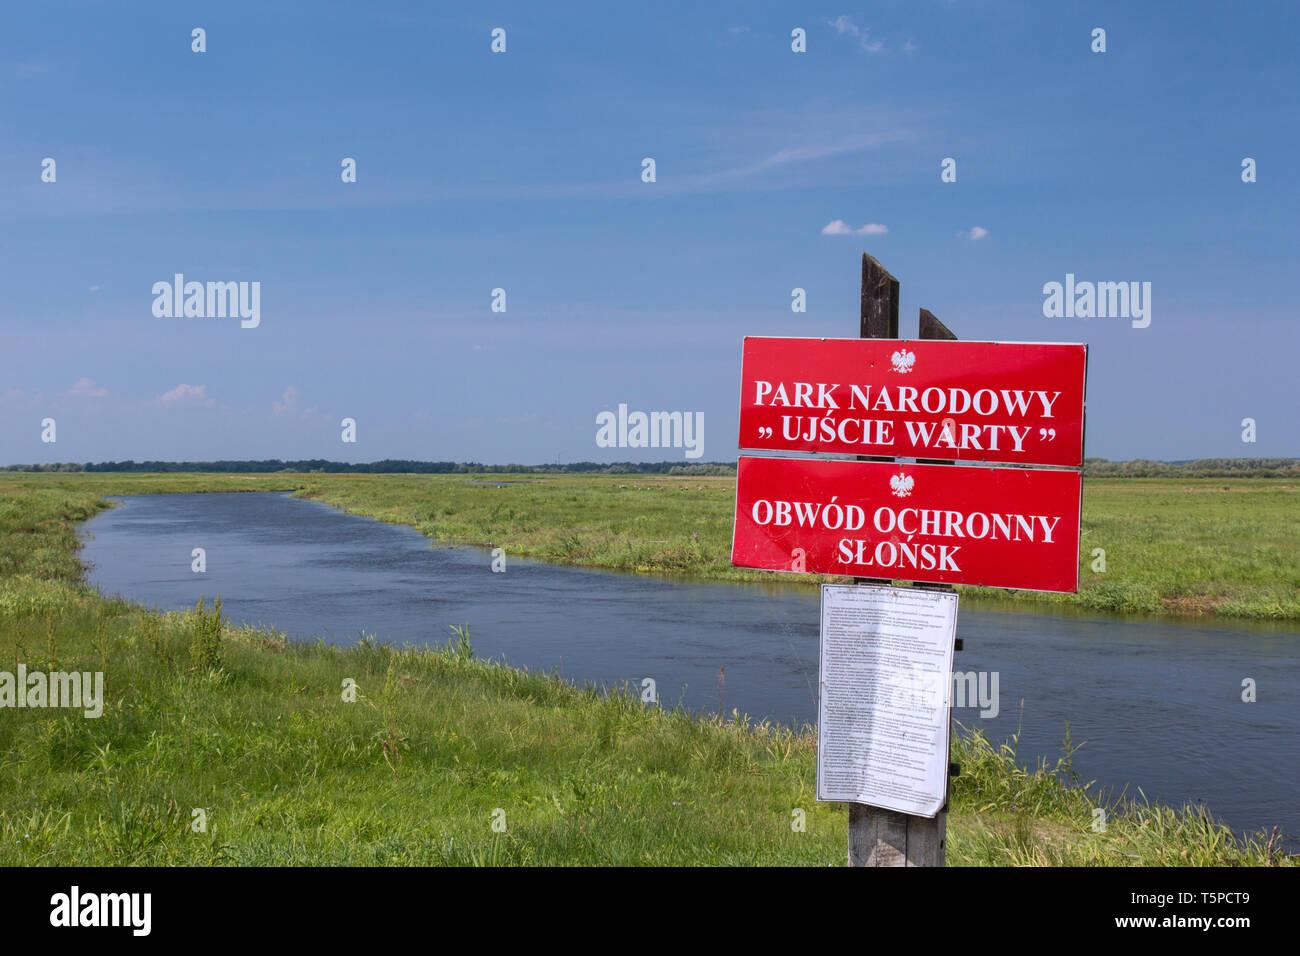 Signo de la Ujście verrugosa / Parque Nacional Parque Nacional River-Mouth Warta, Voivodato Lubusz, Polonia Imagen De Stock